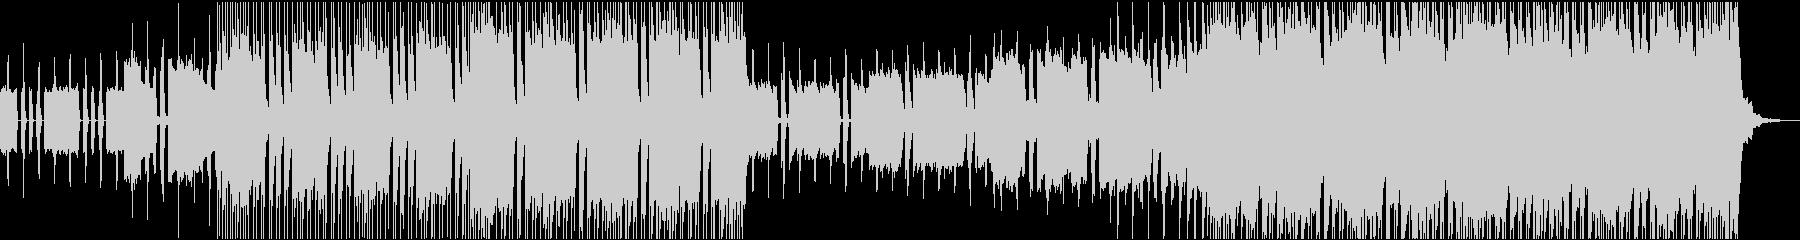 ノリのいい切れ味鋭いシンプルなロックの未再生の波形